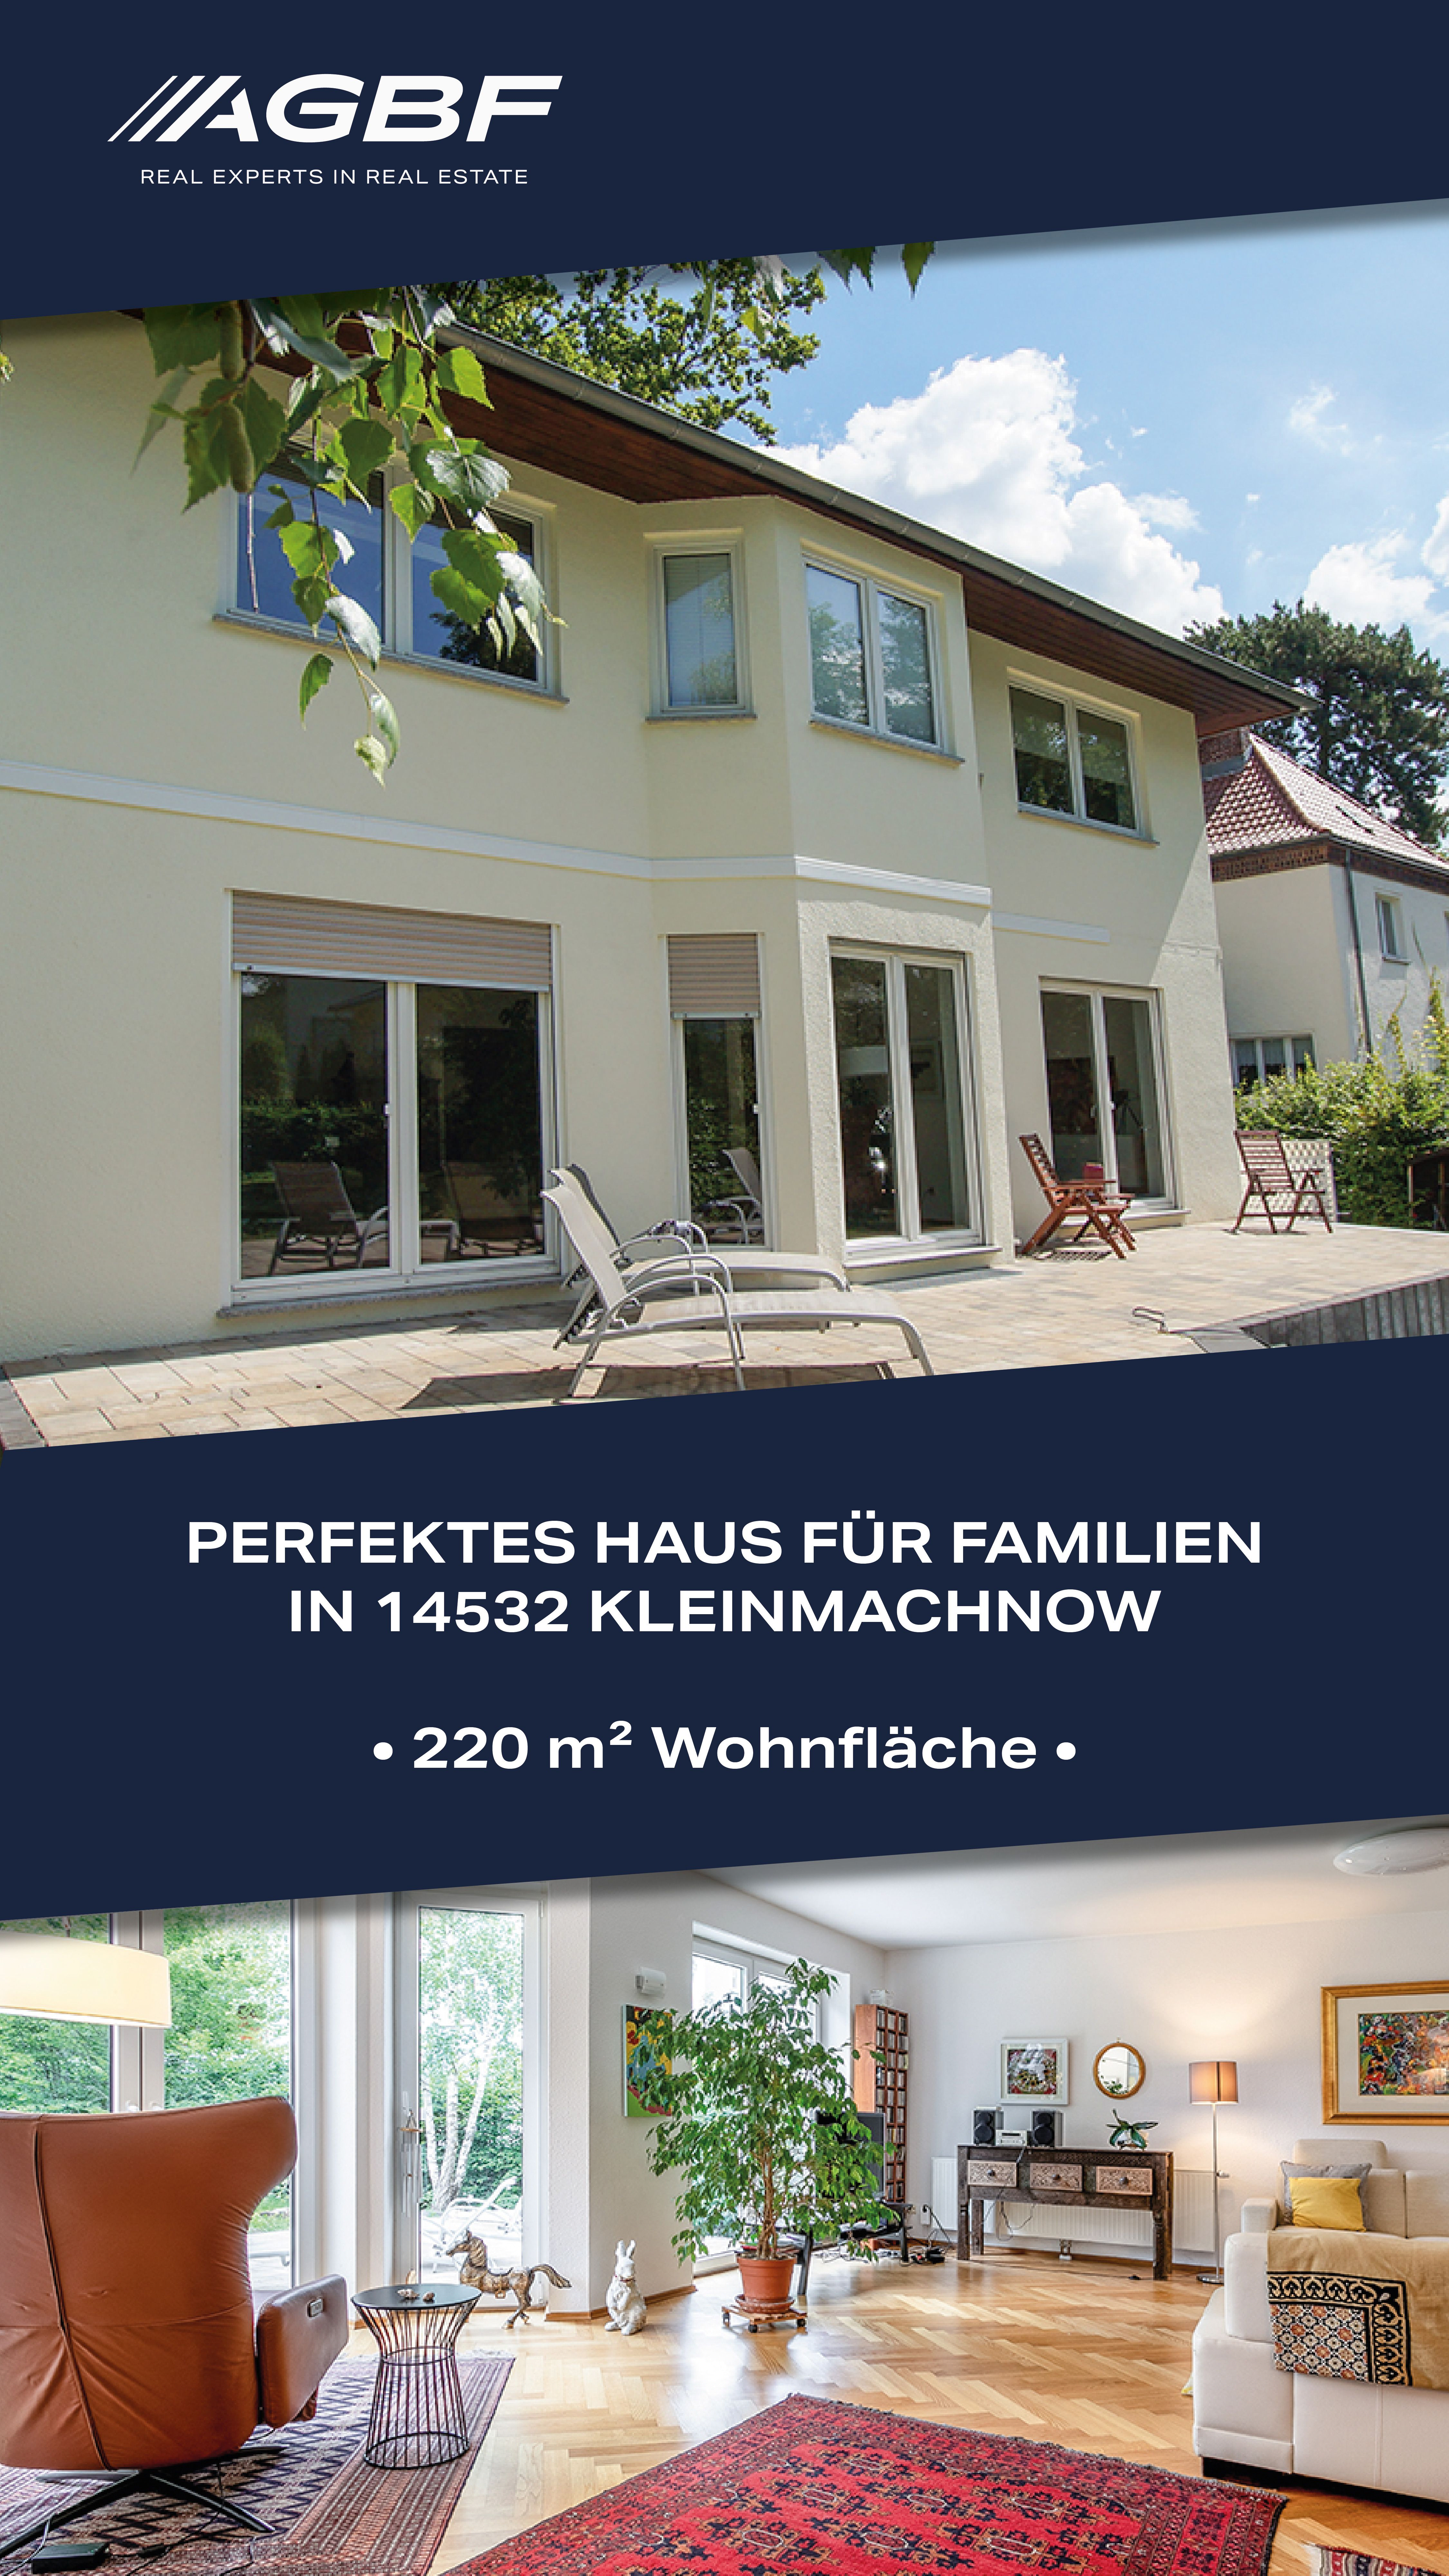 Perfektes Haus Fur Familien In 14532 Kleinmachnow Haus Eichenparkett Villa